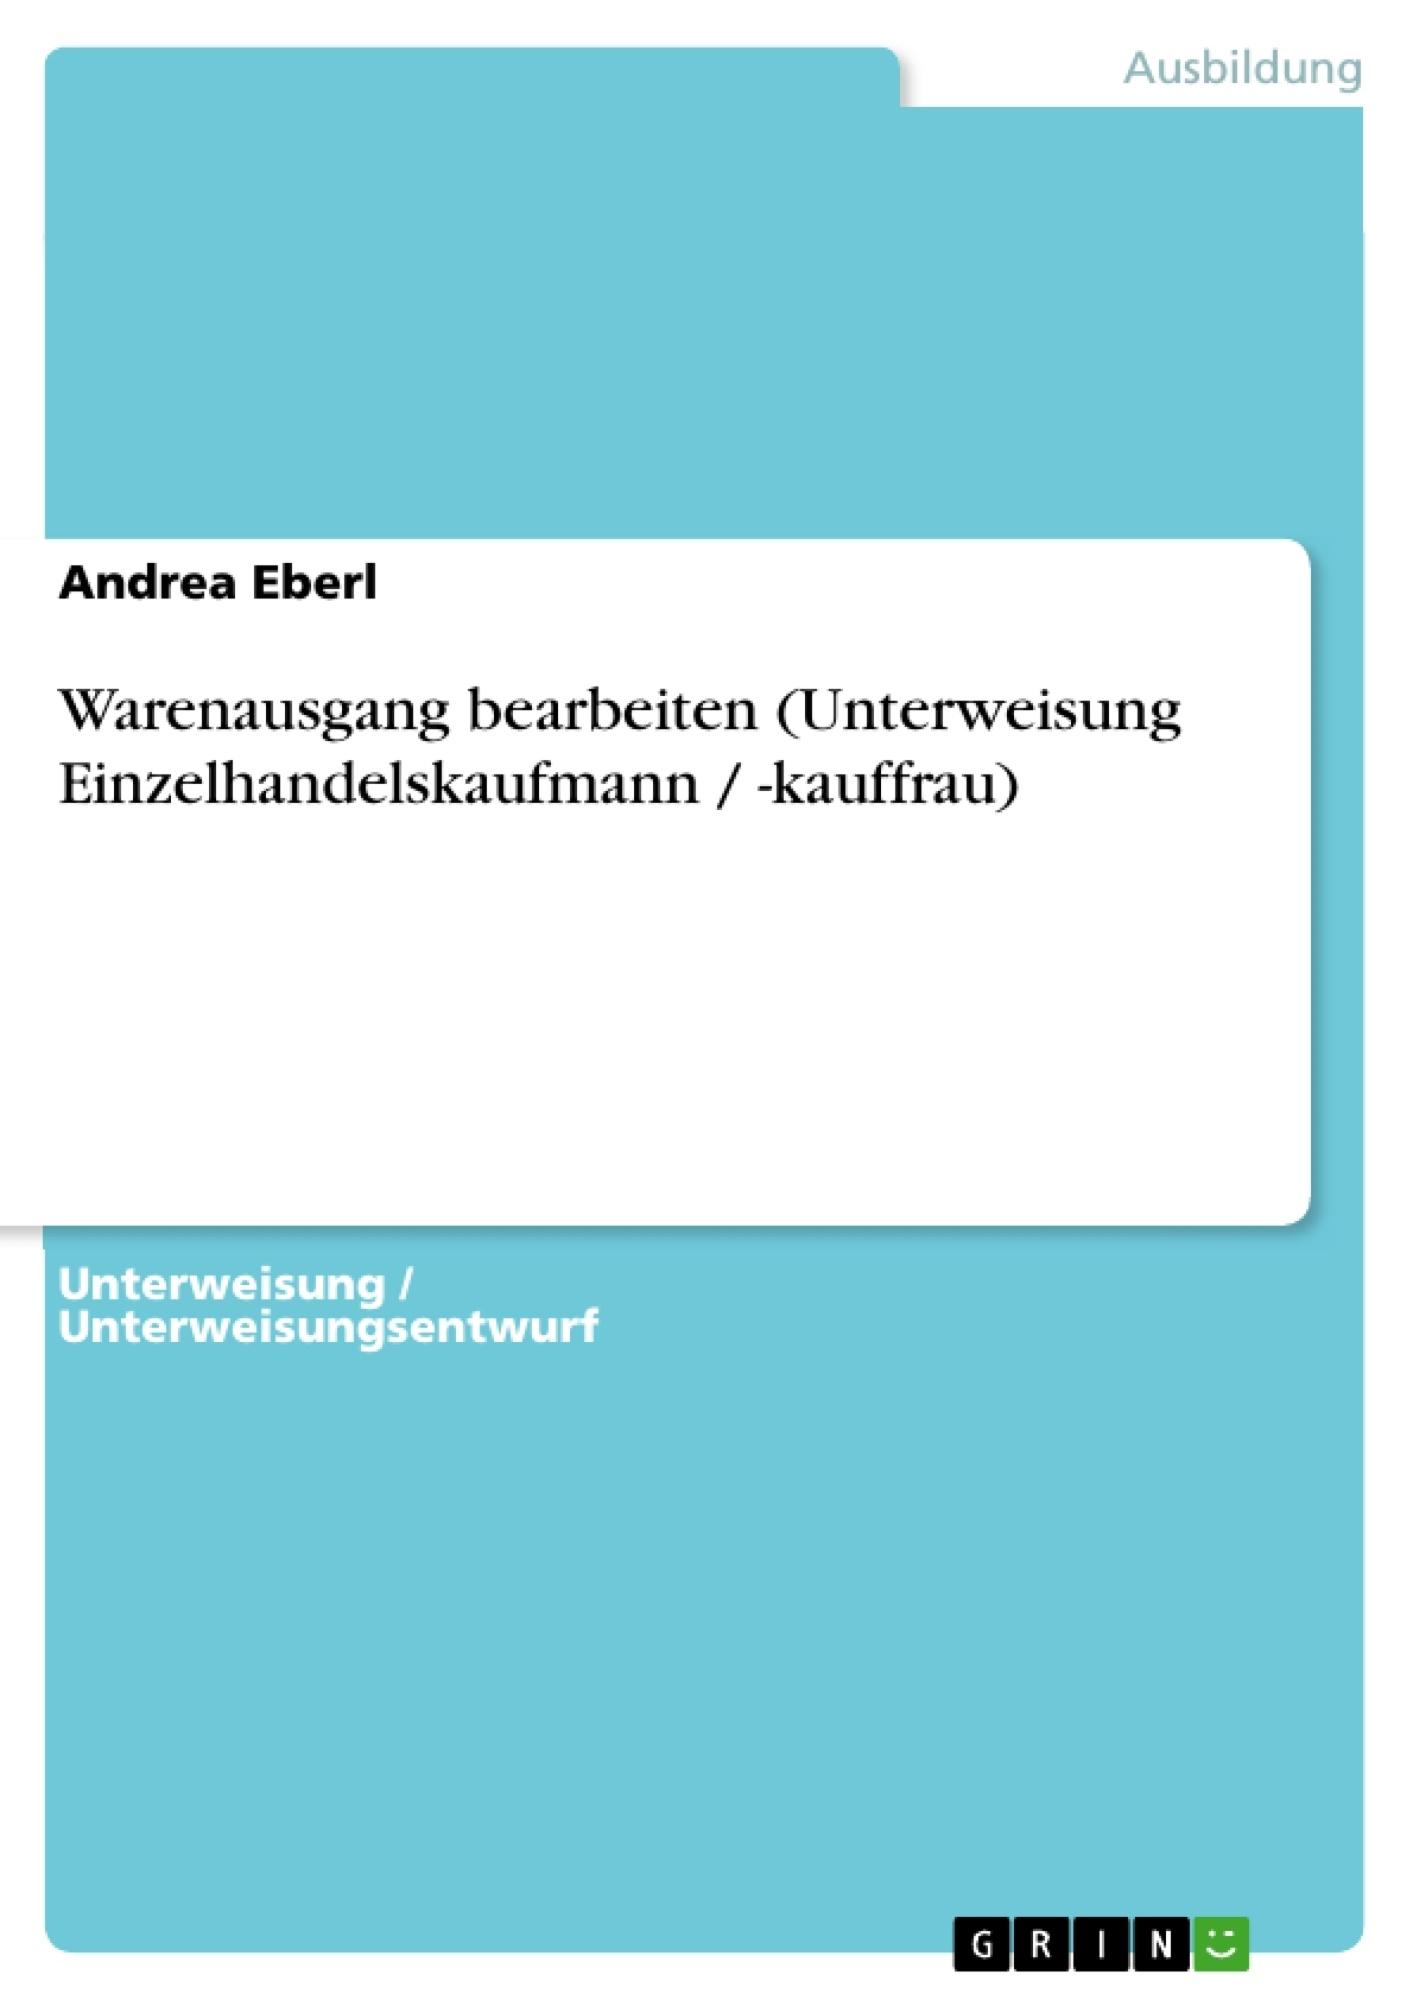 Titel: Warenausgang bearbeiten (Unterweisung Einzelhandelskaufmann / -kauffrau)